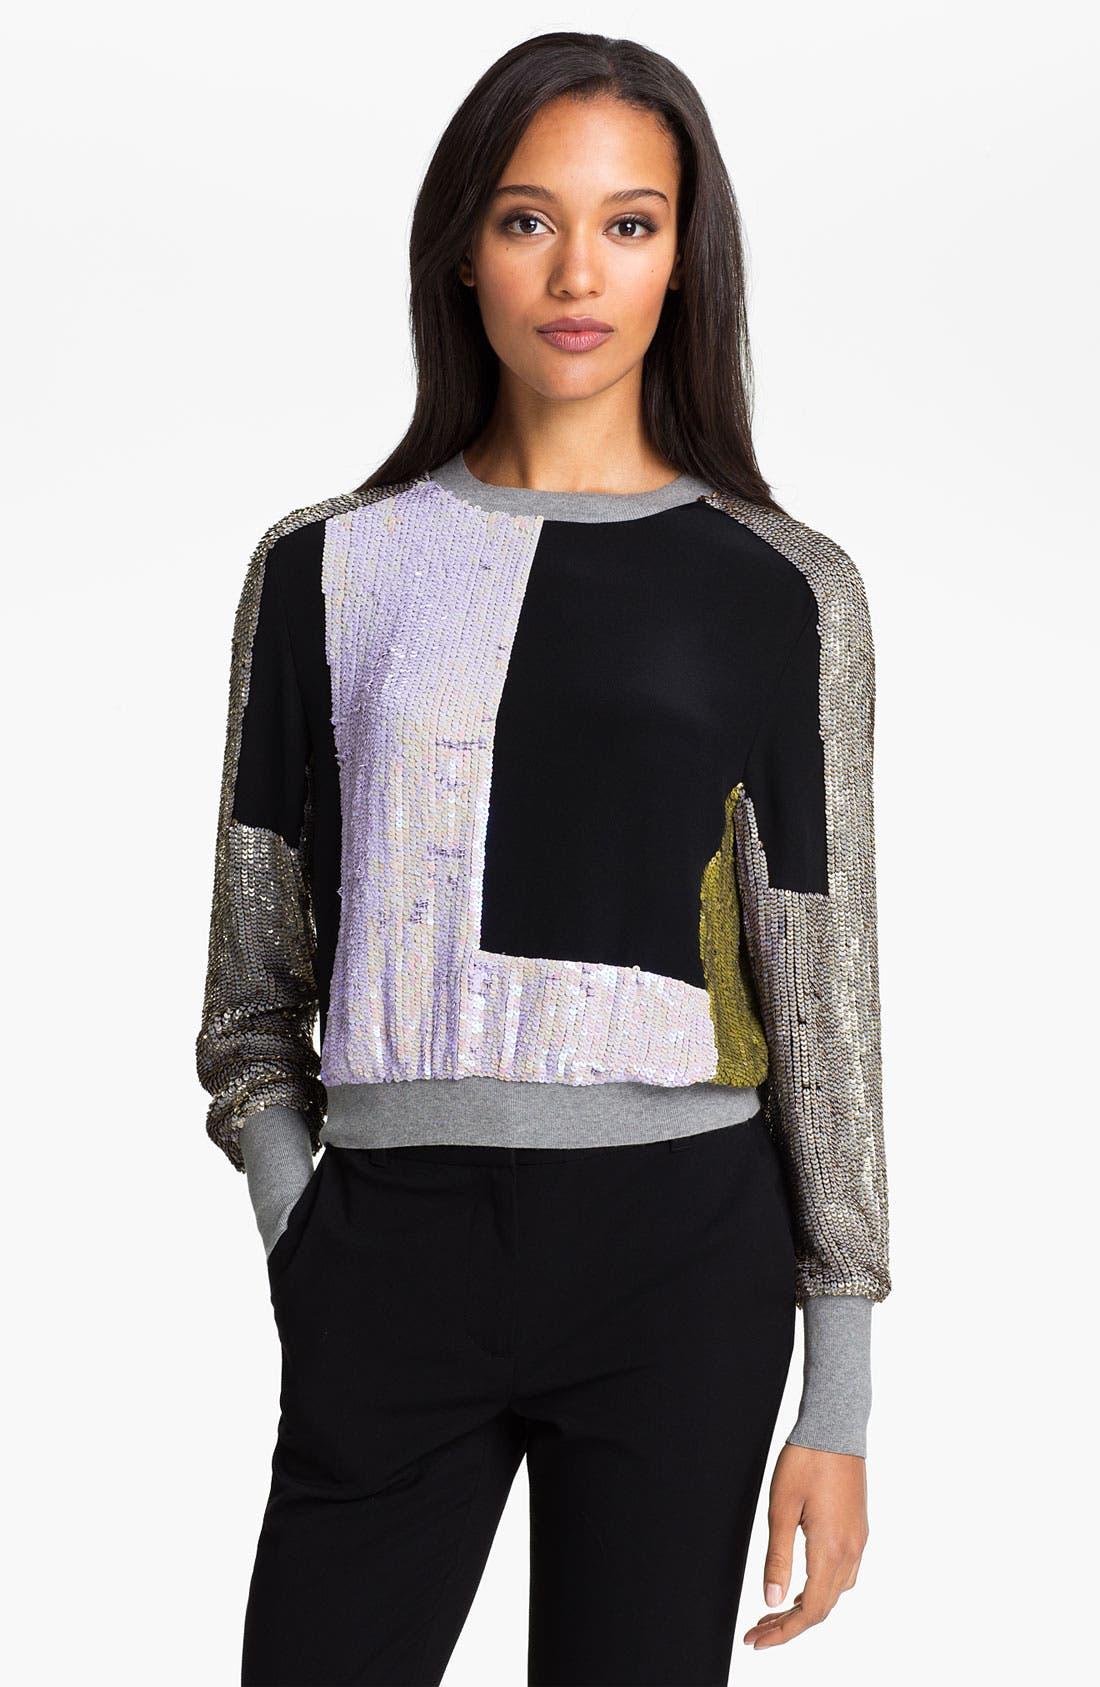 Main Image - 3.1 Phillip Lim Patchwork Sequin Sweater